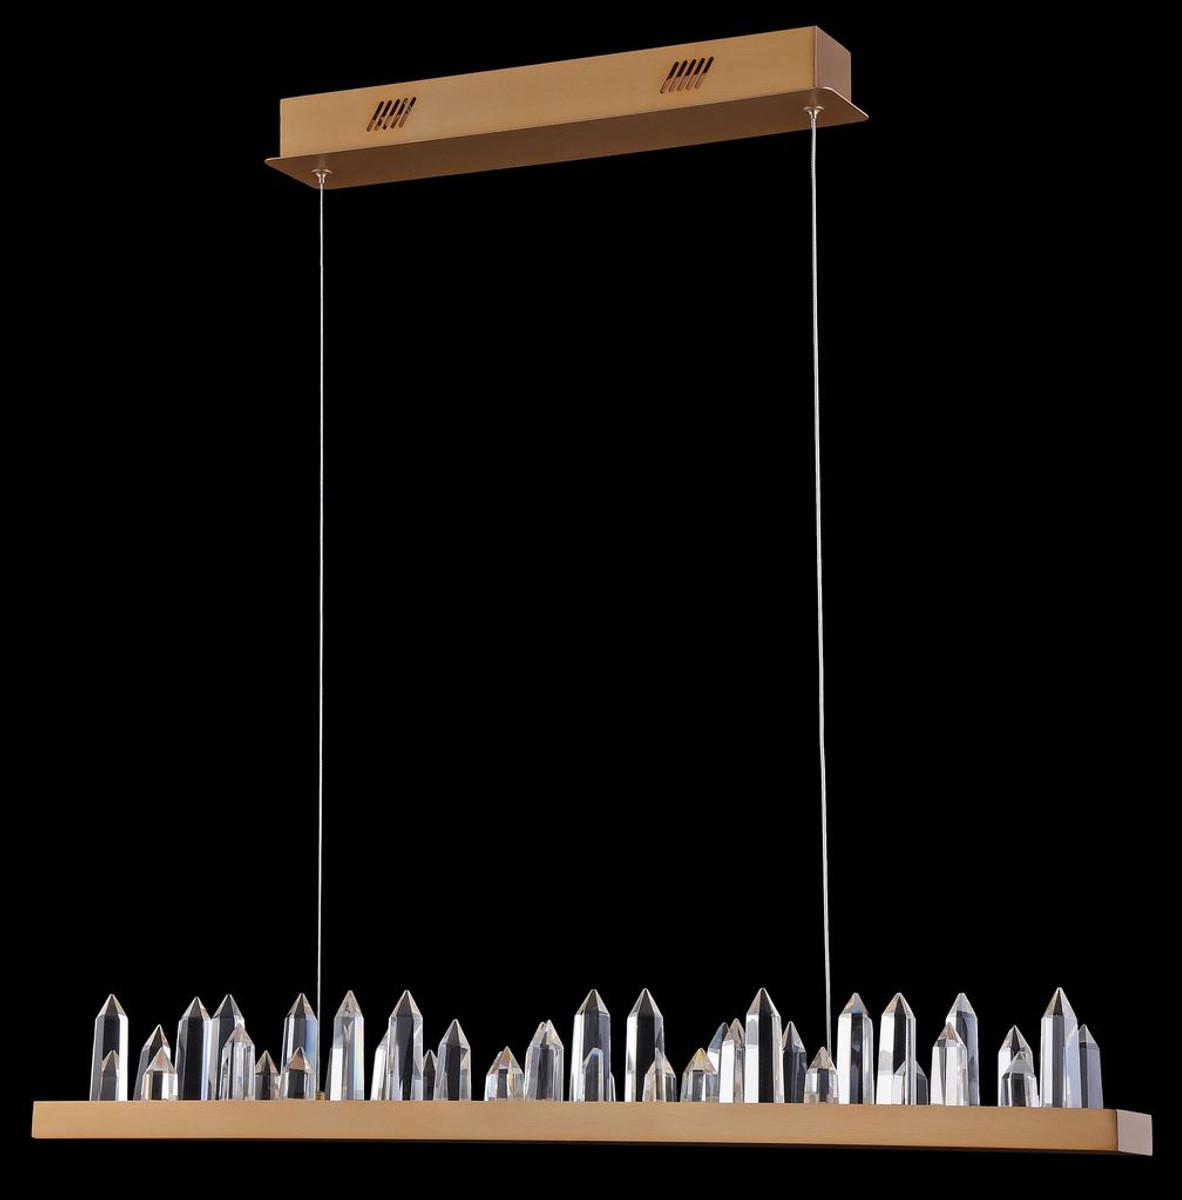 Casa Padrino LED Hängeleuchte mit messingfarbenem Metallrahmen und Kristallglaszacken 80 x 9 x H. 10,4 cm - Wohnzimmermöbel 2